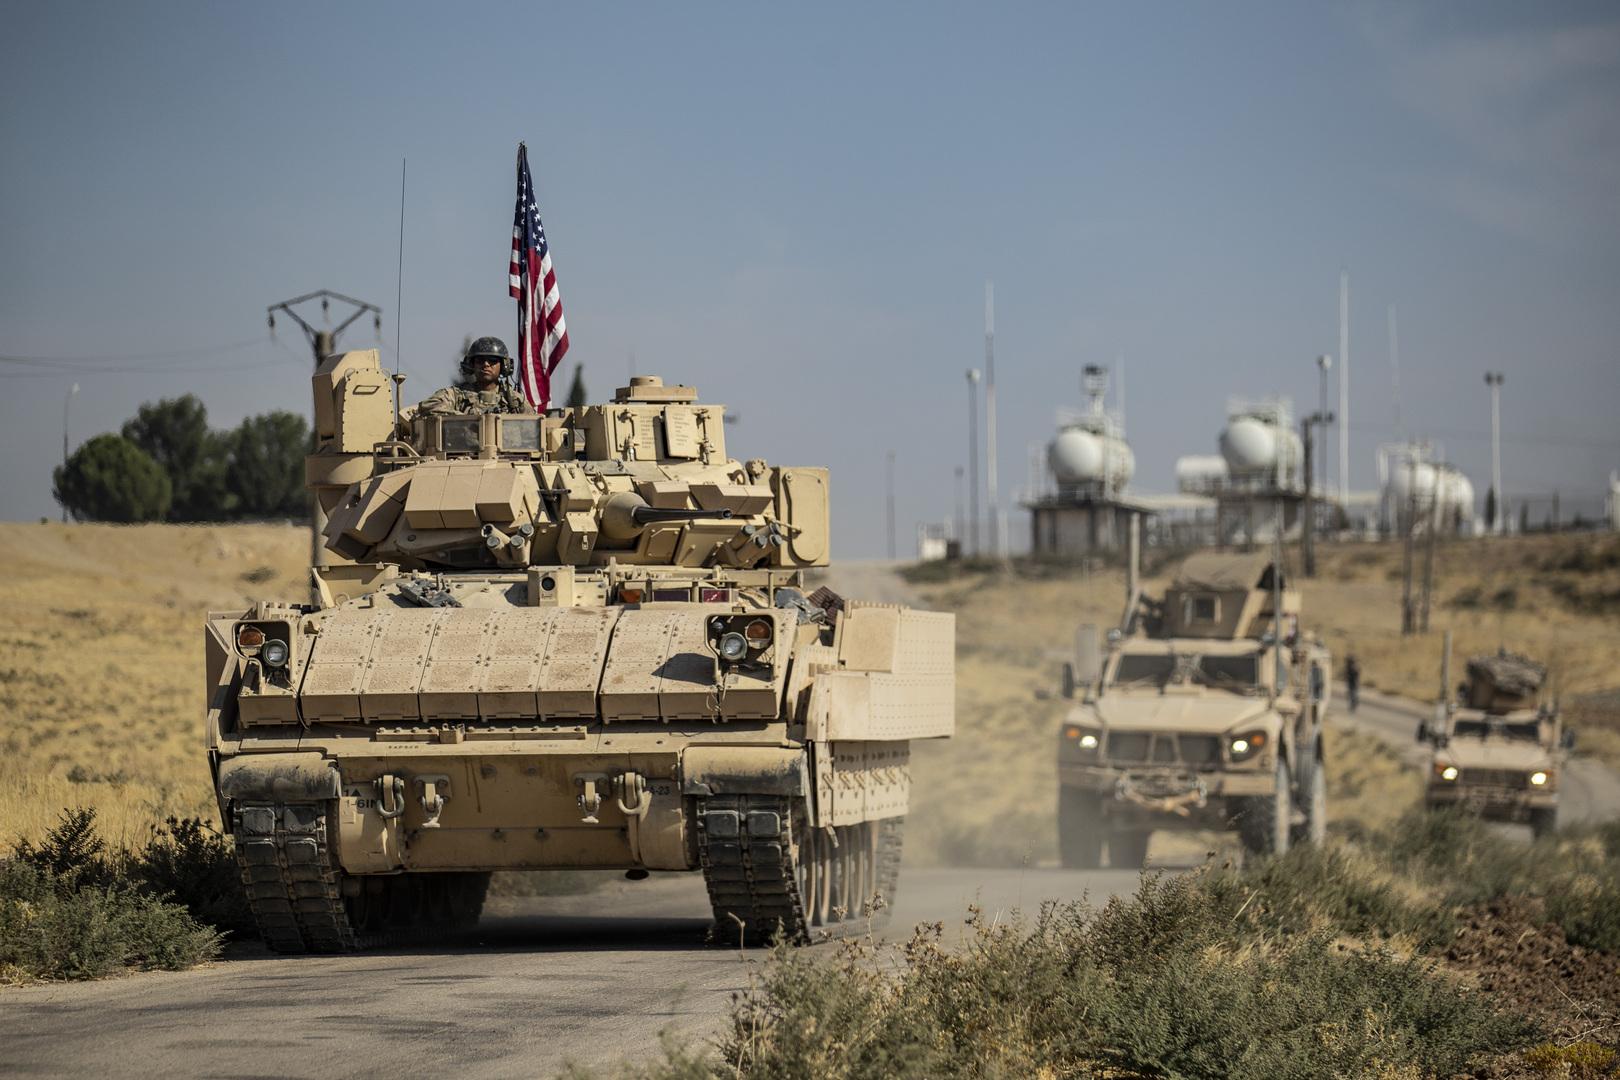 سانا: الجيش الأمريكي يرسل تعزيزات عسكرية ولوجستية إلى قواعده بريف دير الزور